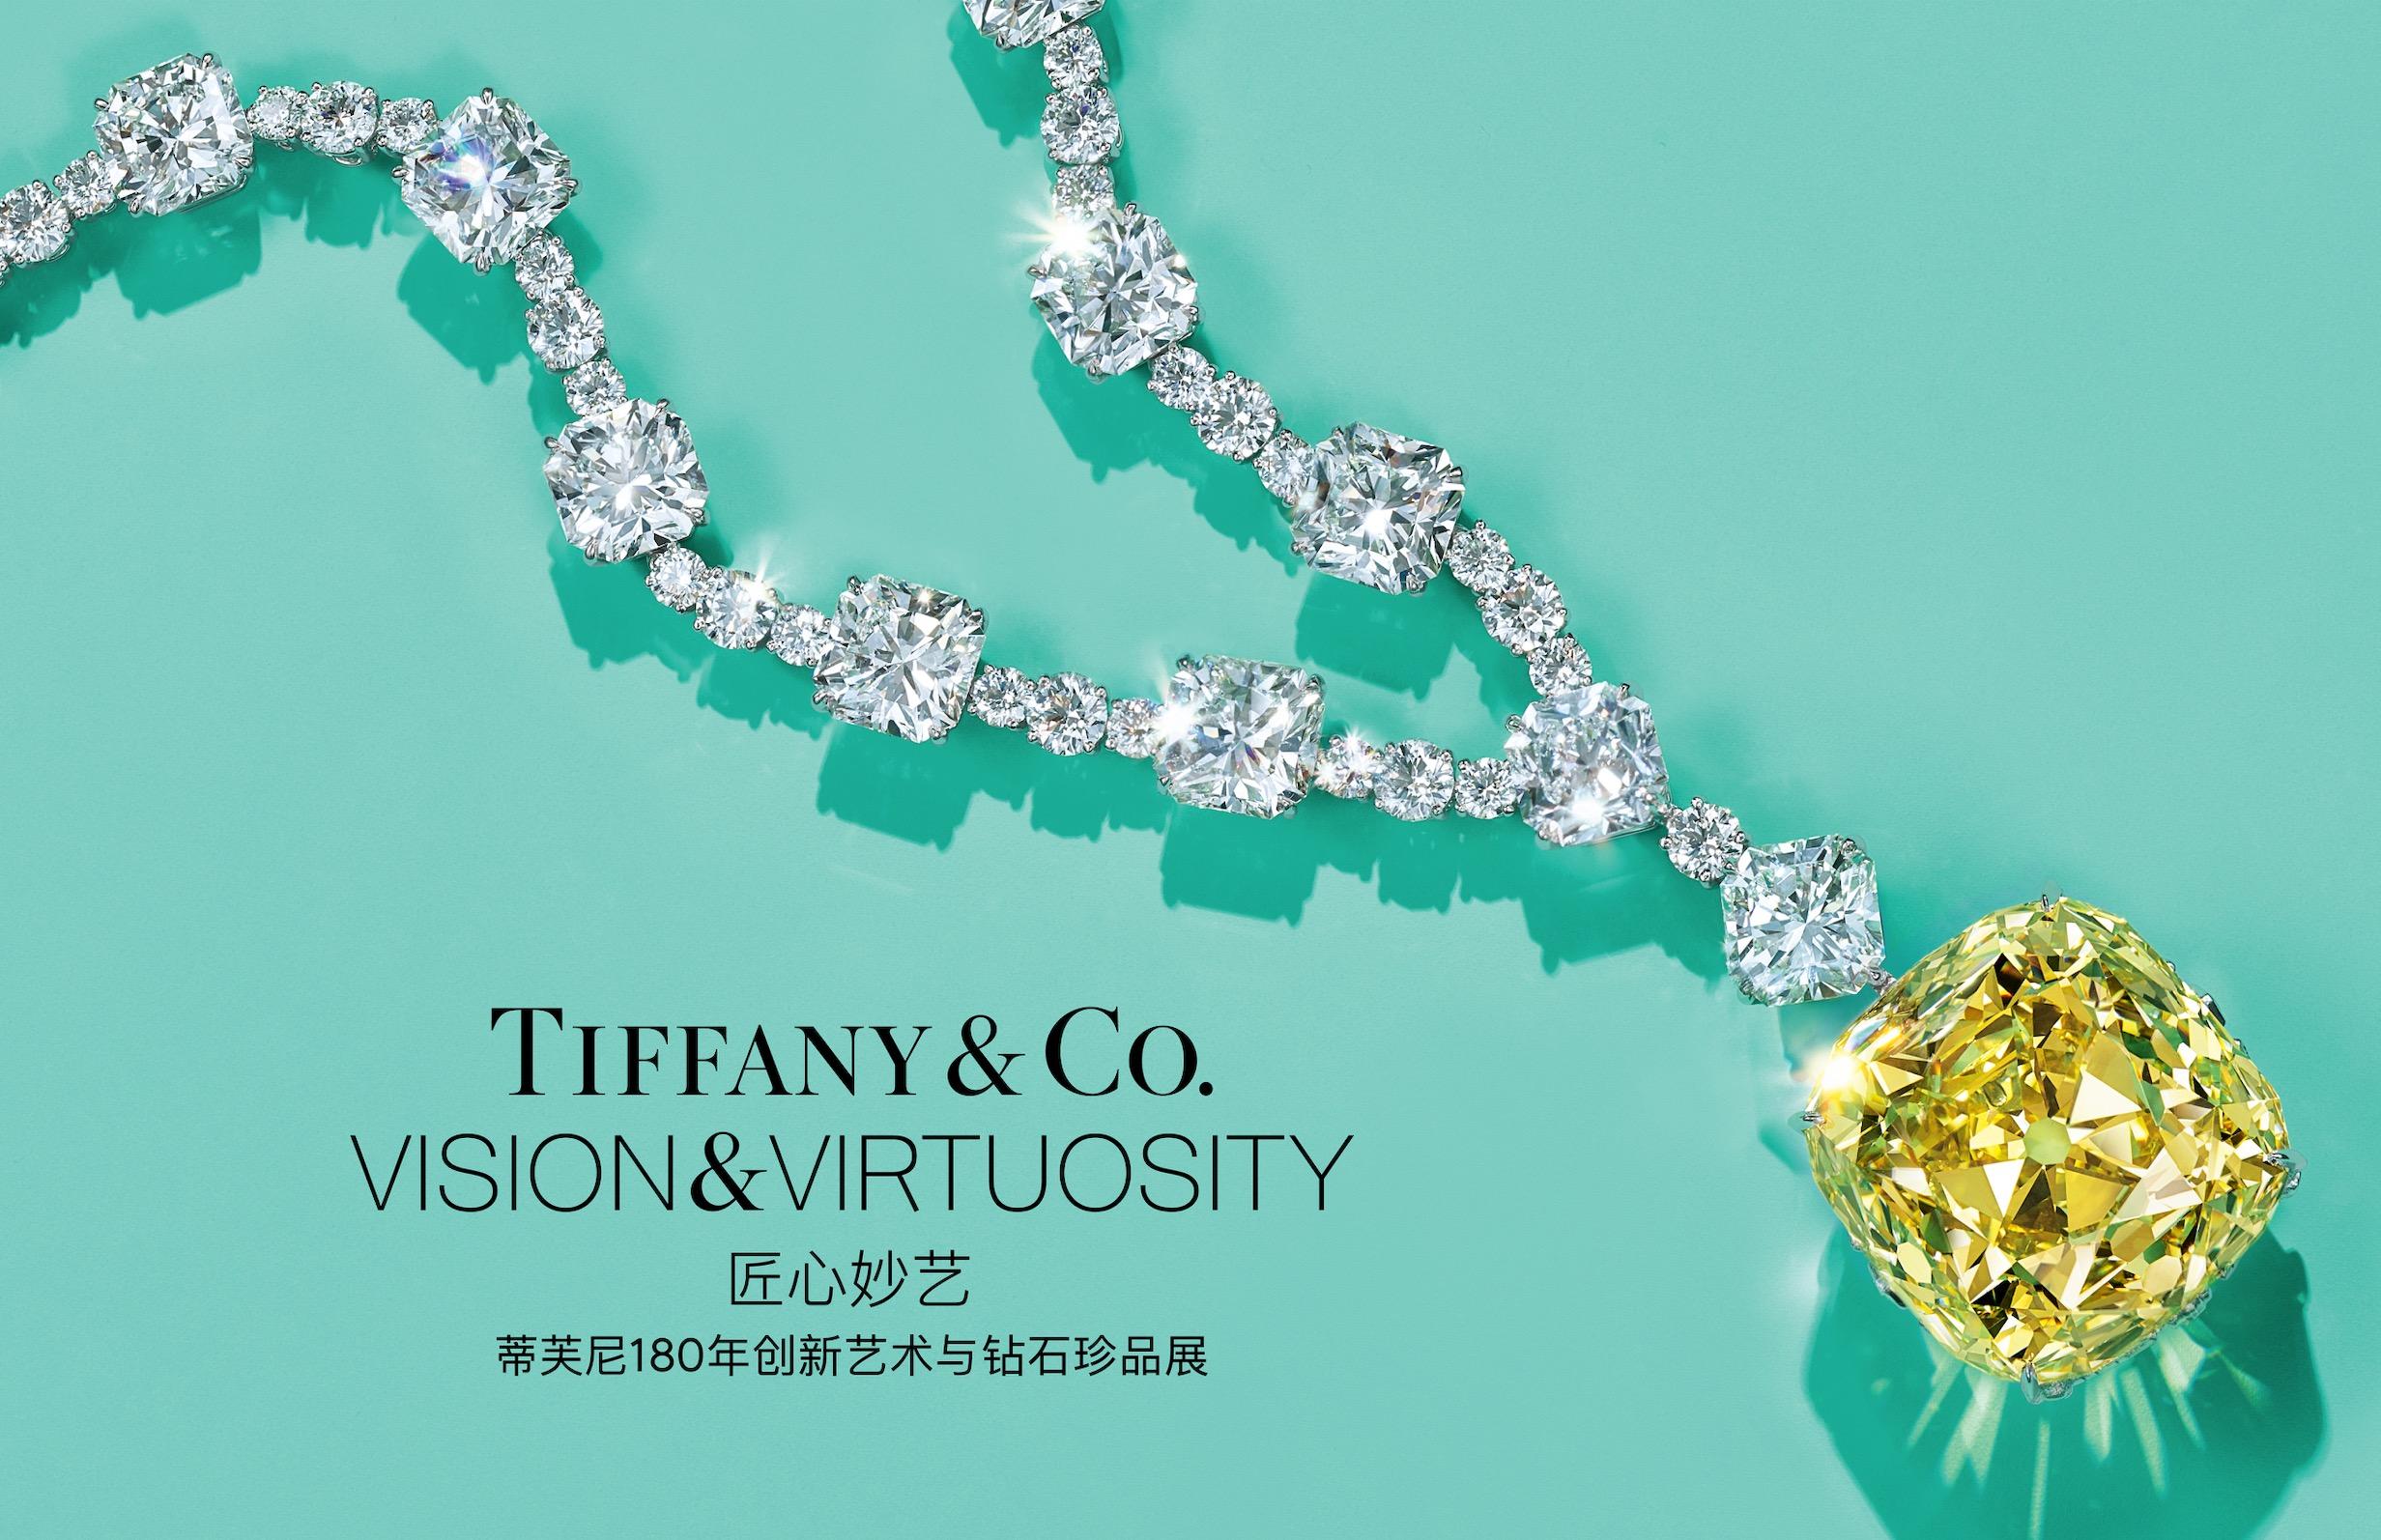 【华丽通告】蒂芙尼180年创新艺术与钻石珍品展,即将开幕